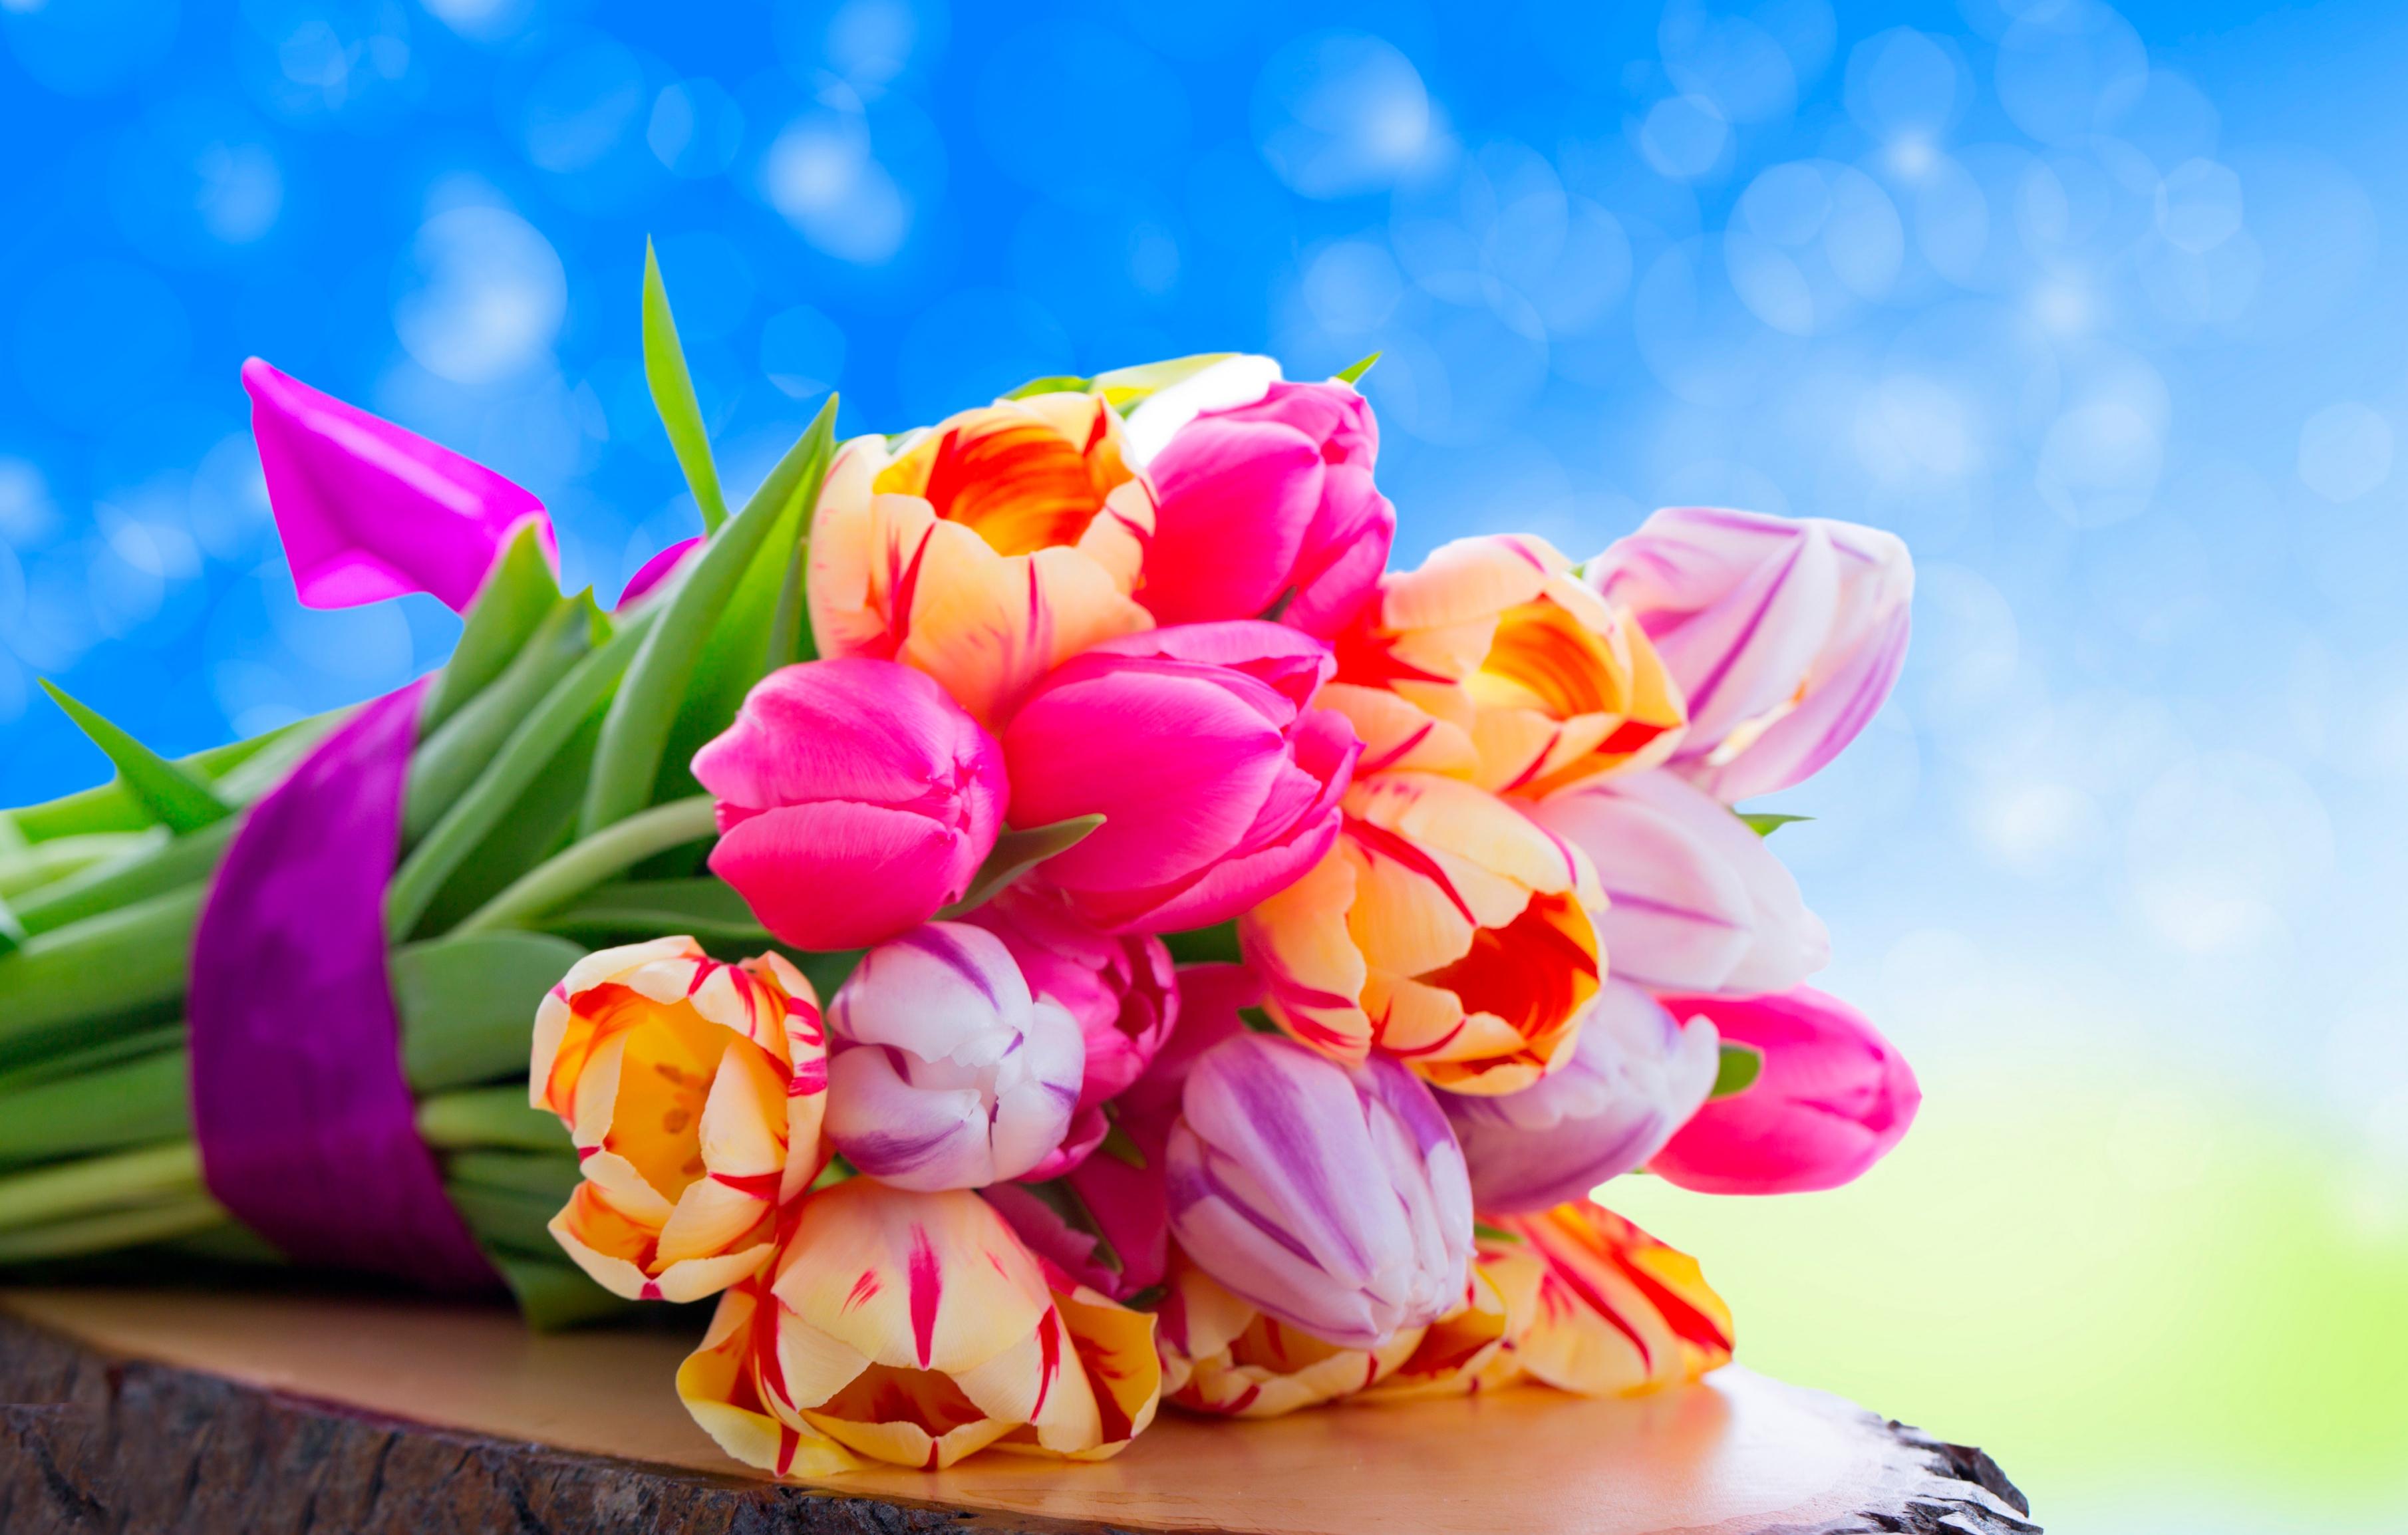 tulip-photo-51